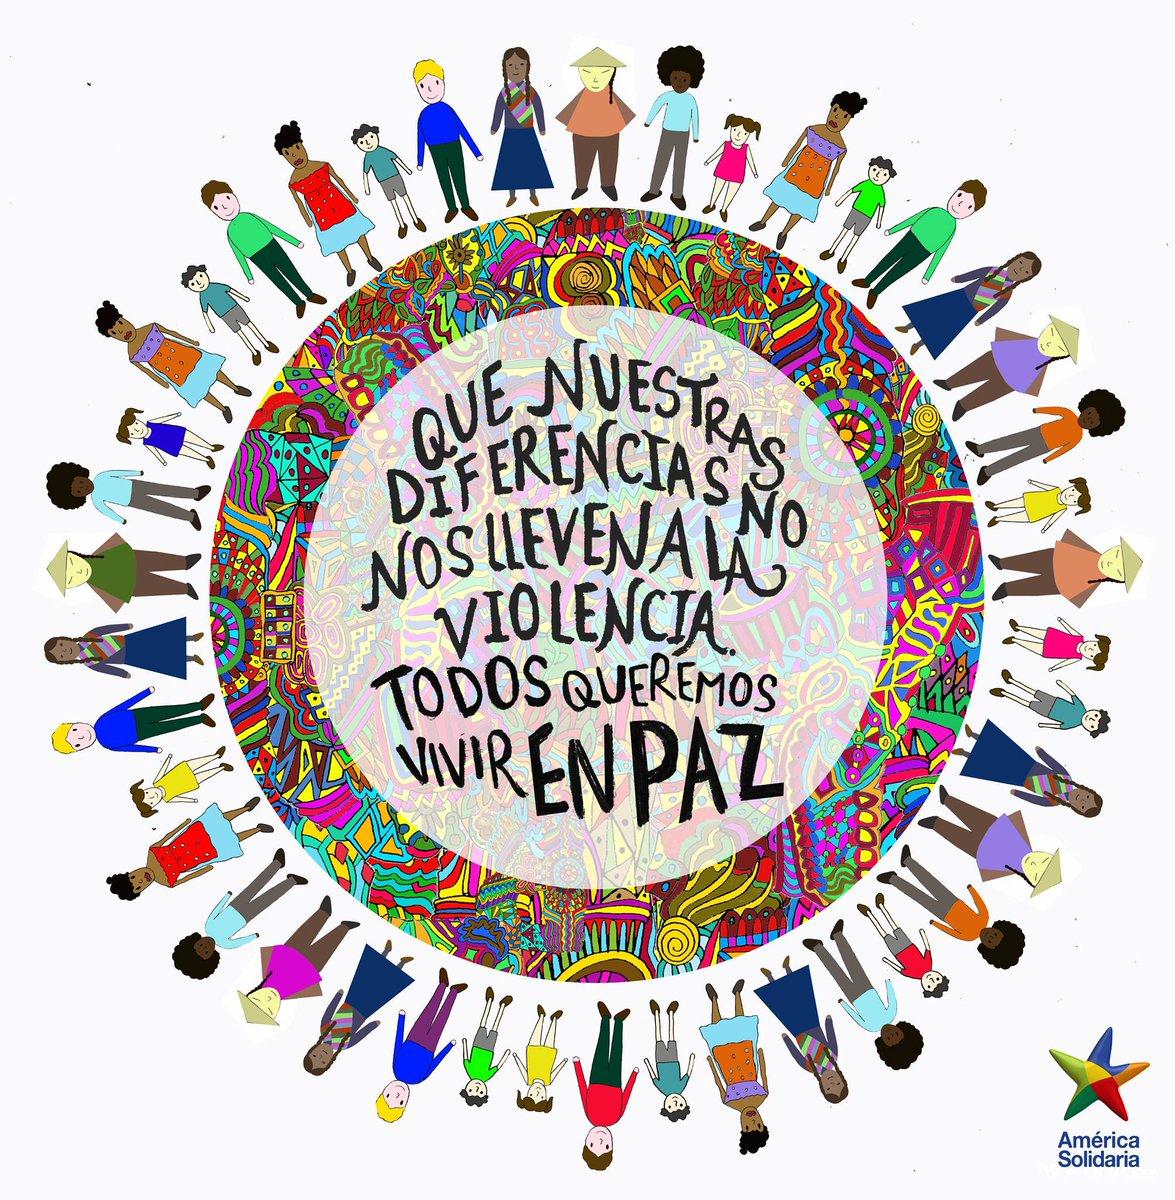 Nuestro llamado para este 2017 es a construir junt@s una mejor sociedad, sin discriminación,exclusión e injusticia! https://t.co/2o9puJYOh9